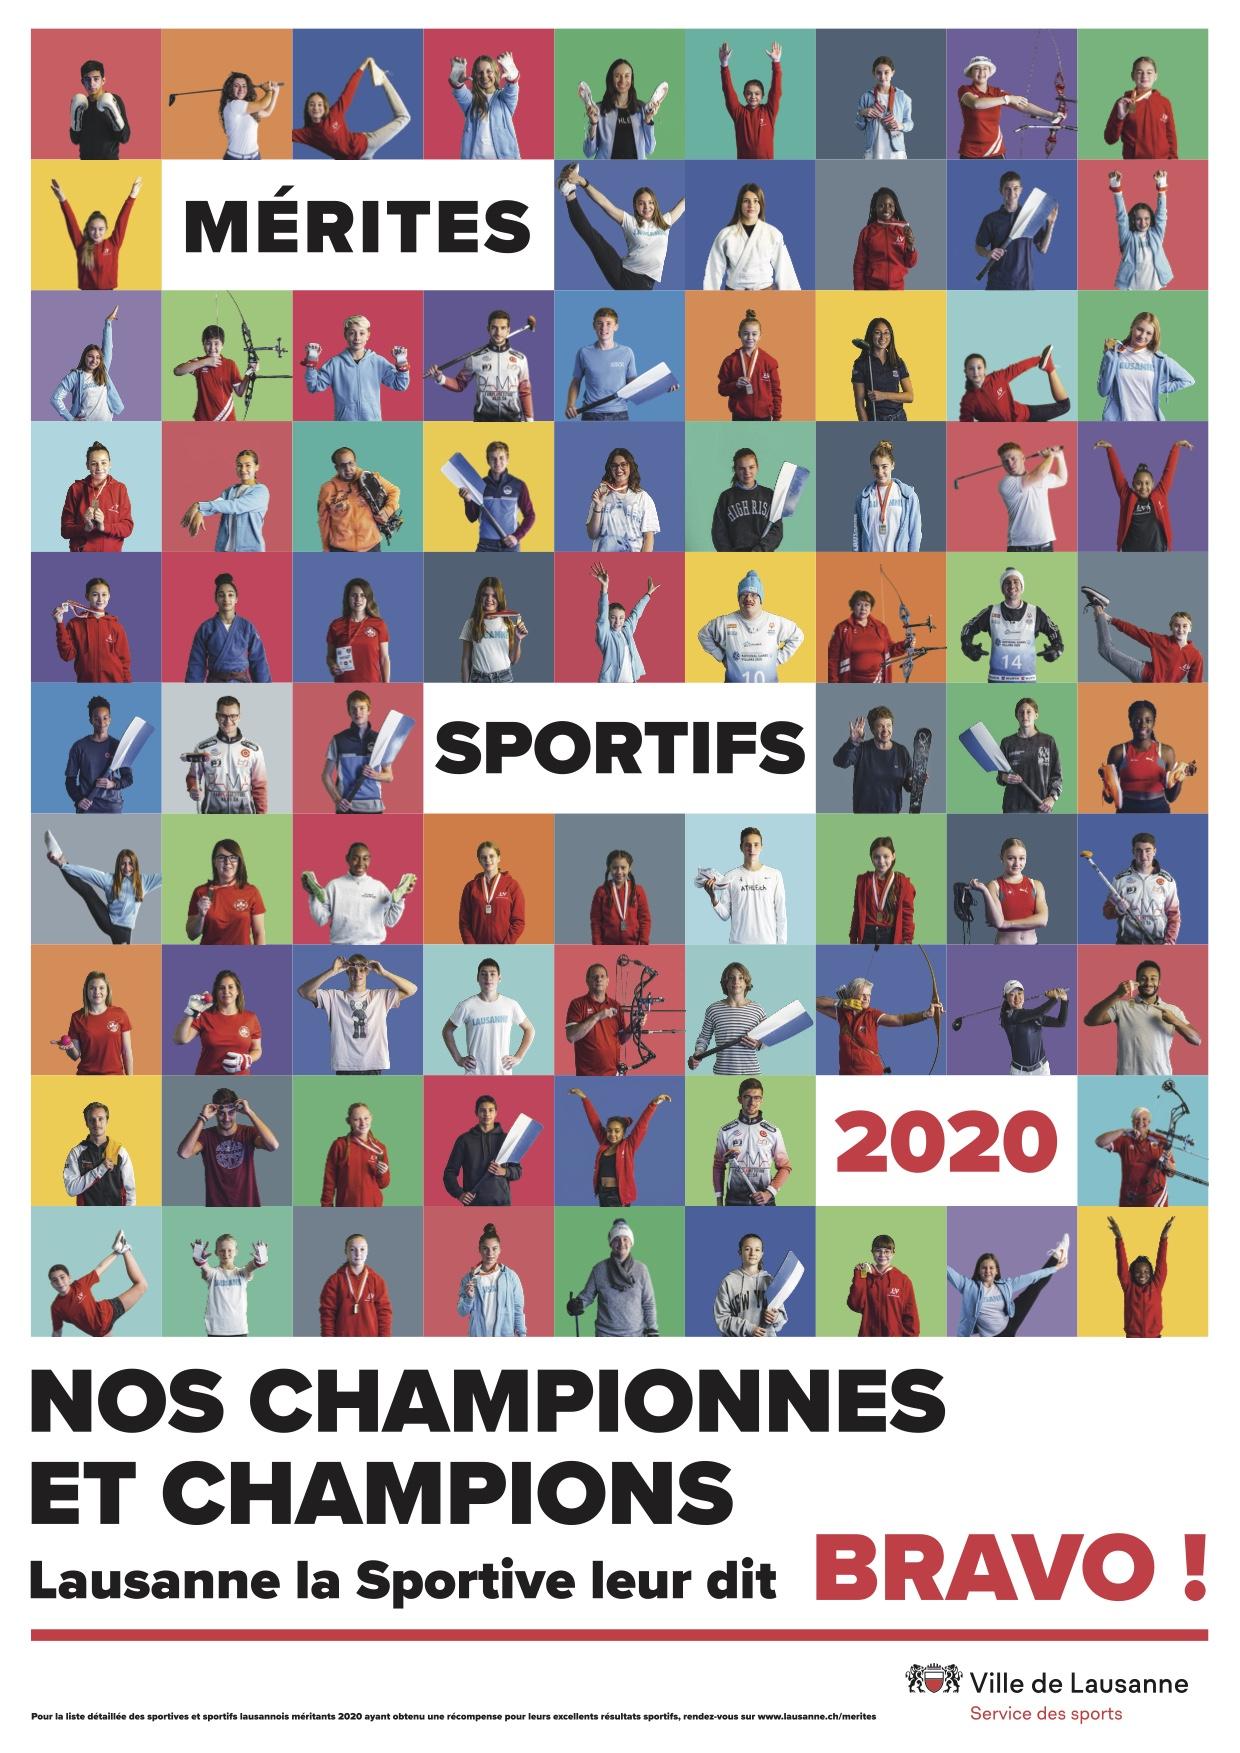 Beau succès pour les compétitrices du JKL lors de la Cérémonie des Récompenses aux sportives et sportifs lausannois 2020